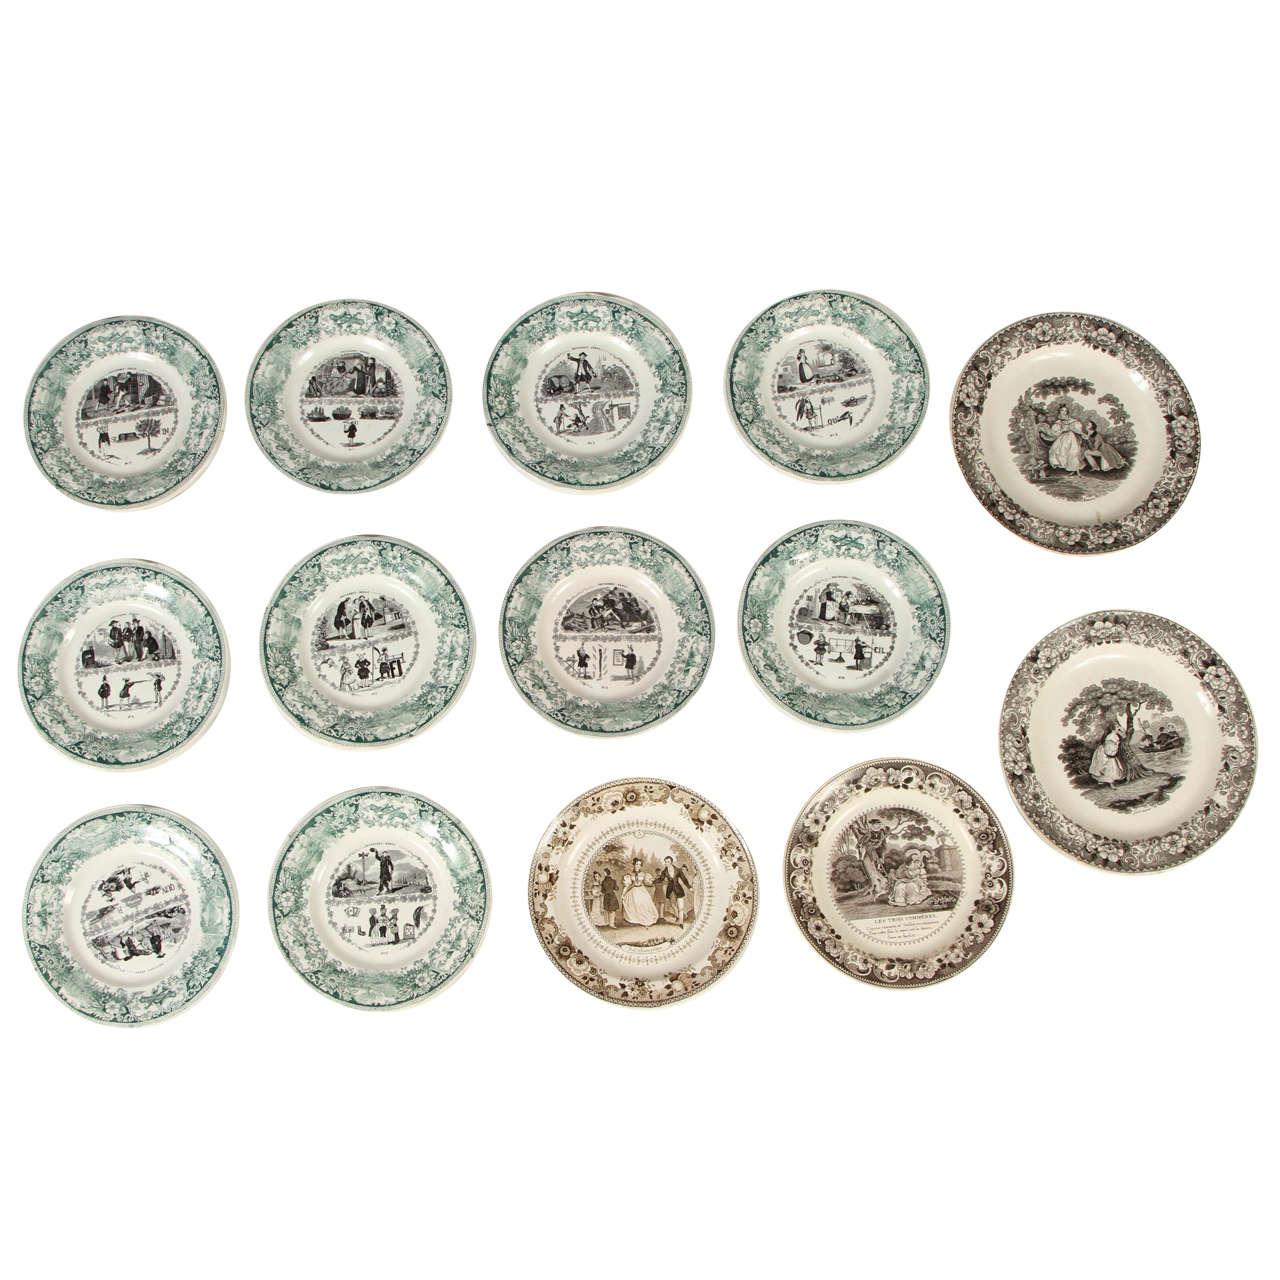 19th Century Faience Porcelain Creil et Montereau & Lebeuf Plates